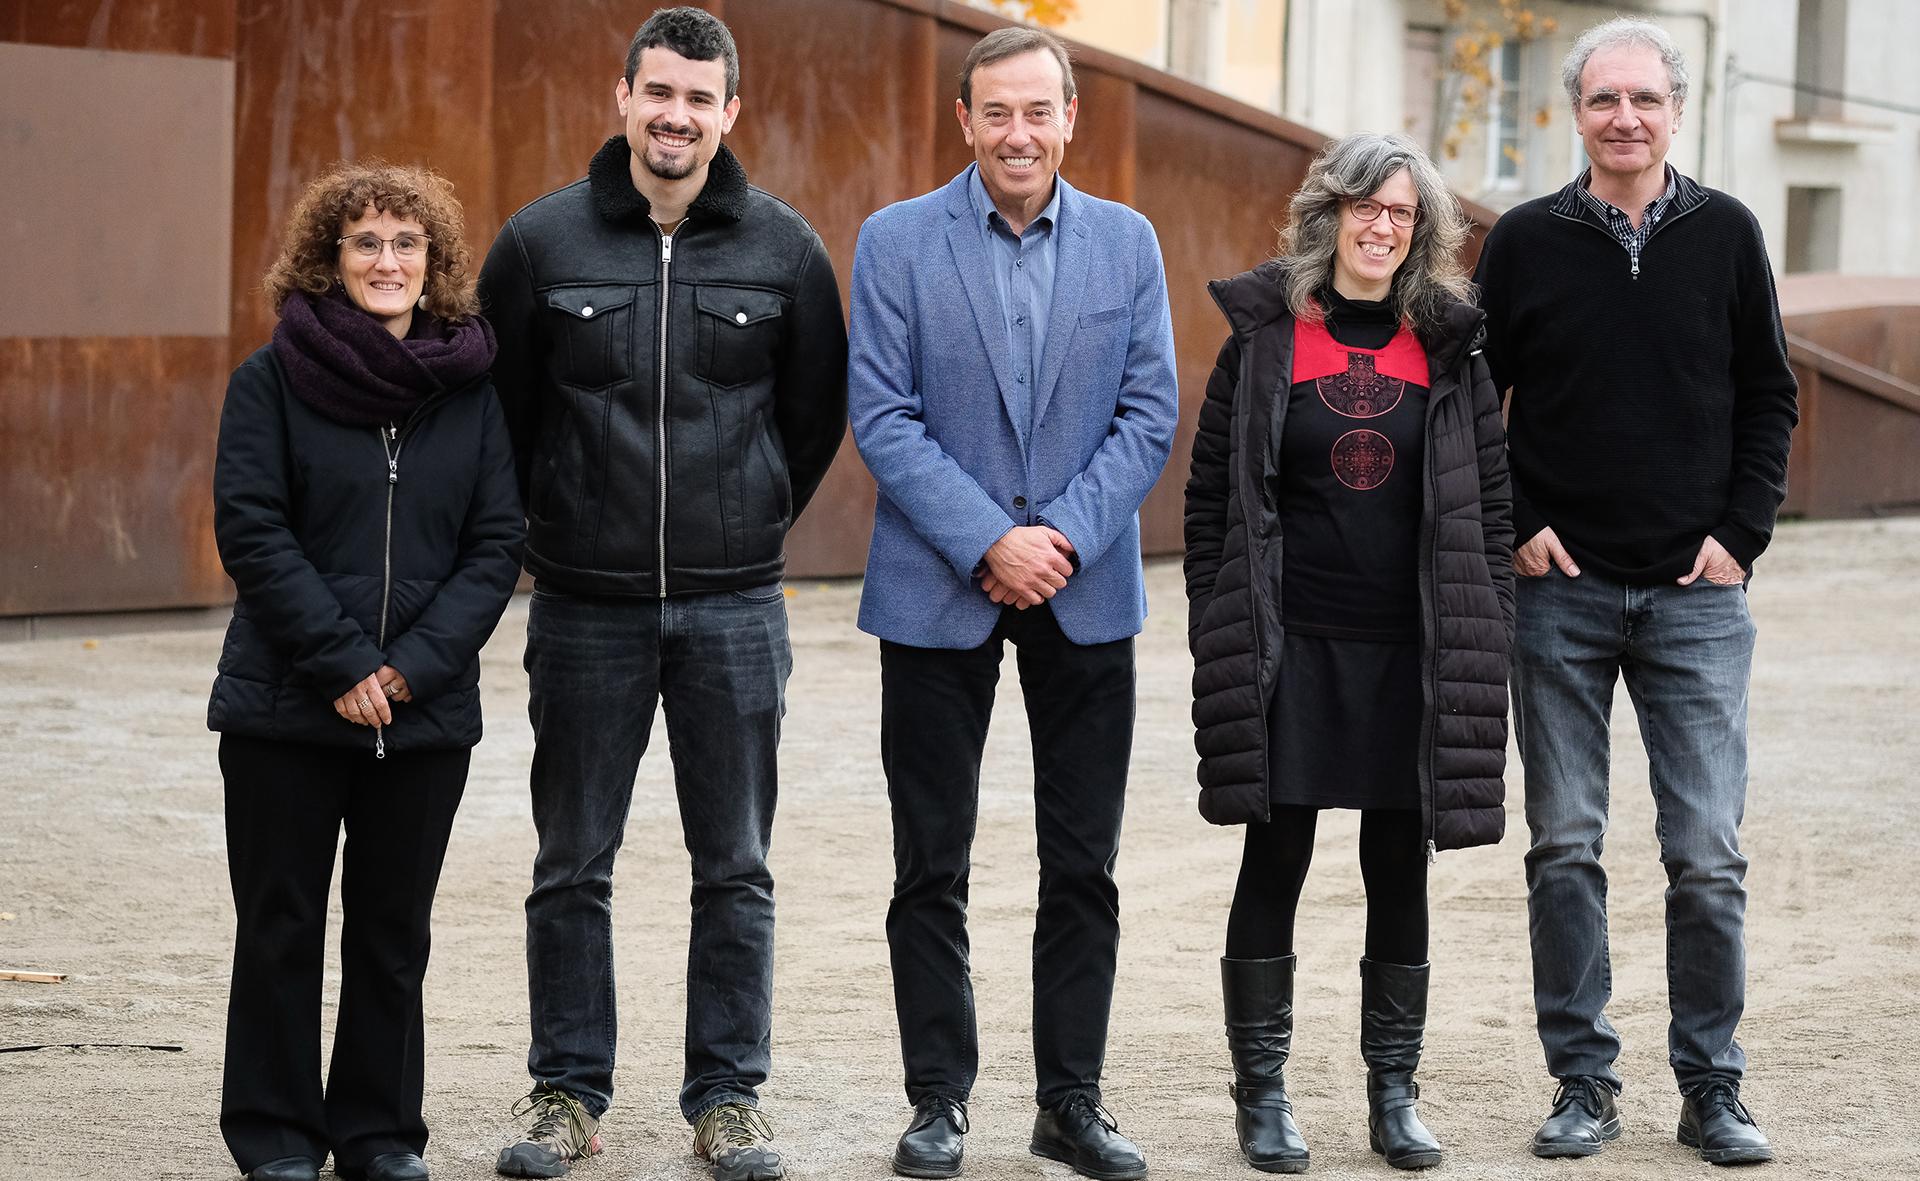 La migració de les aus per l'Alta Garrotxa i la història del Cine Club Olot s'estudiaran gràcies a les Beques Ciutat d'Olot